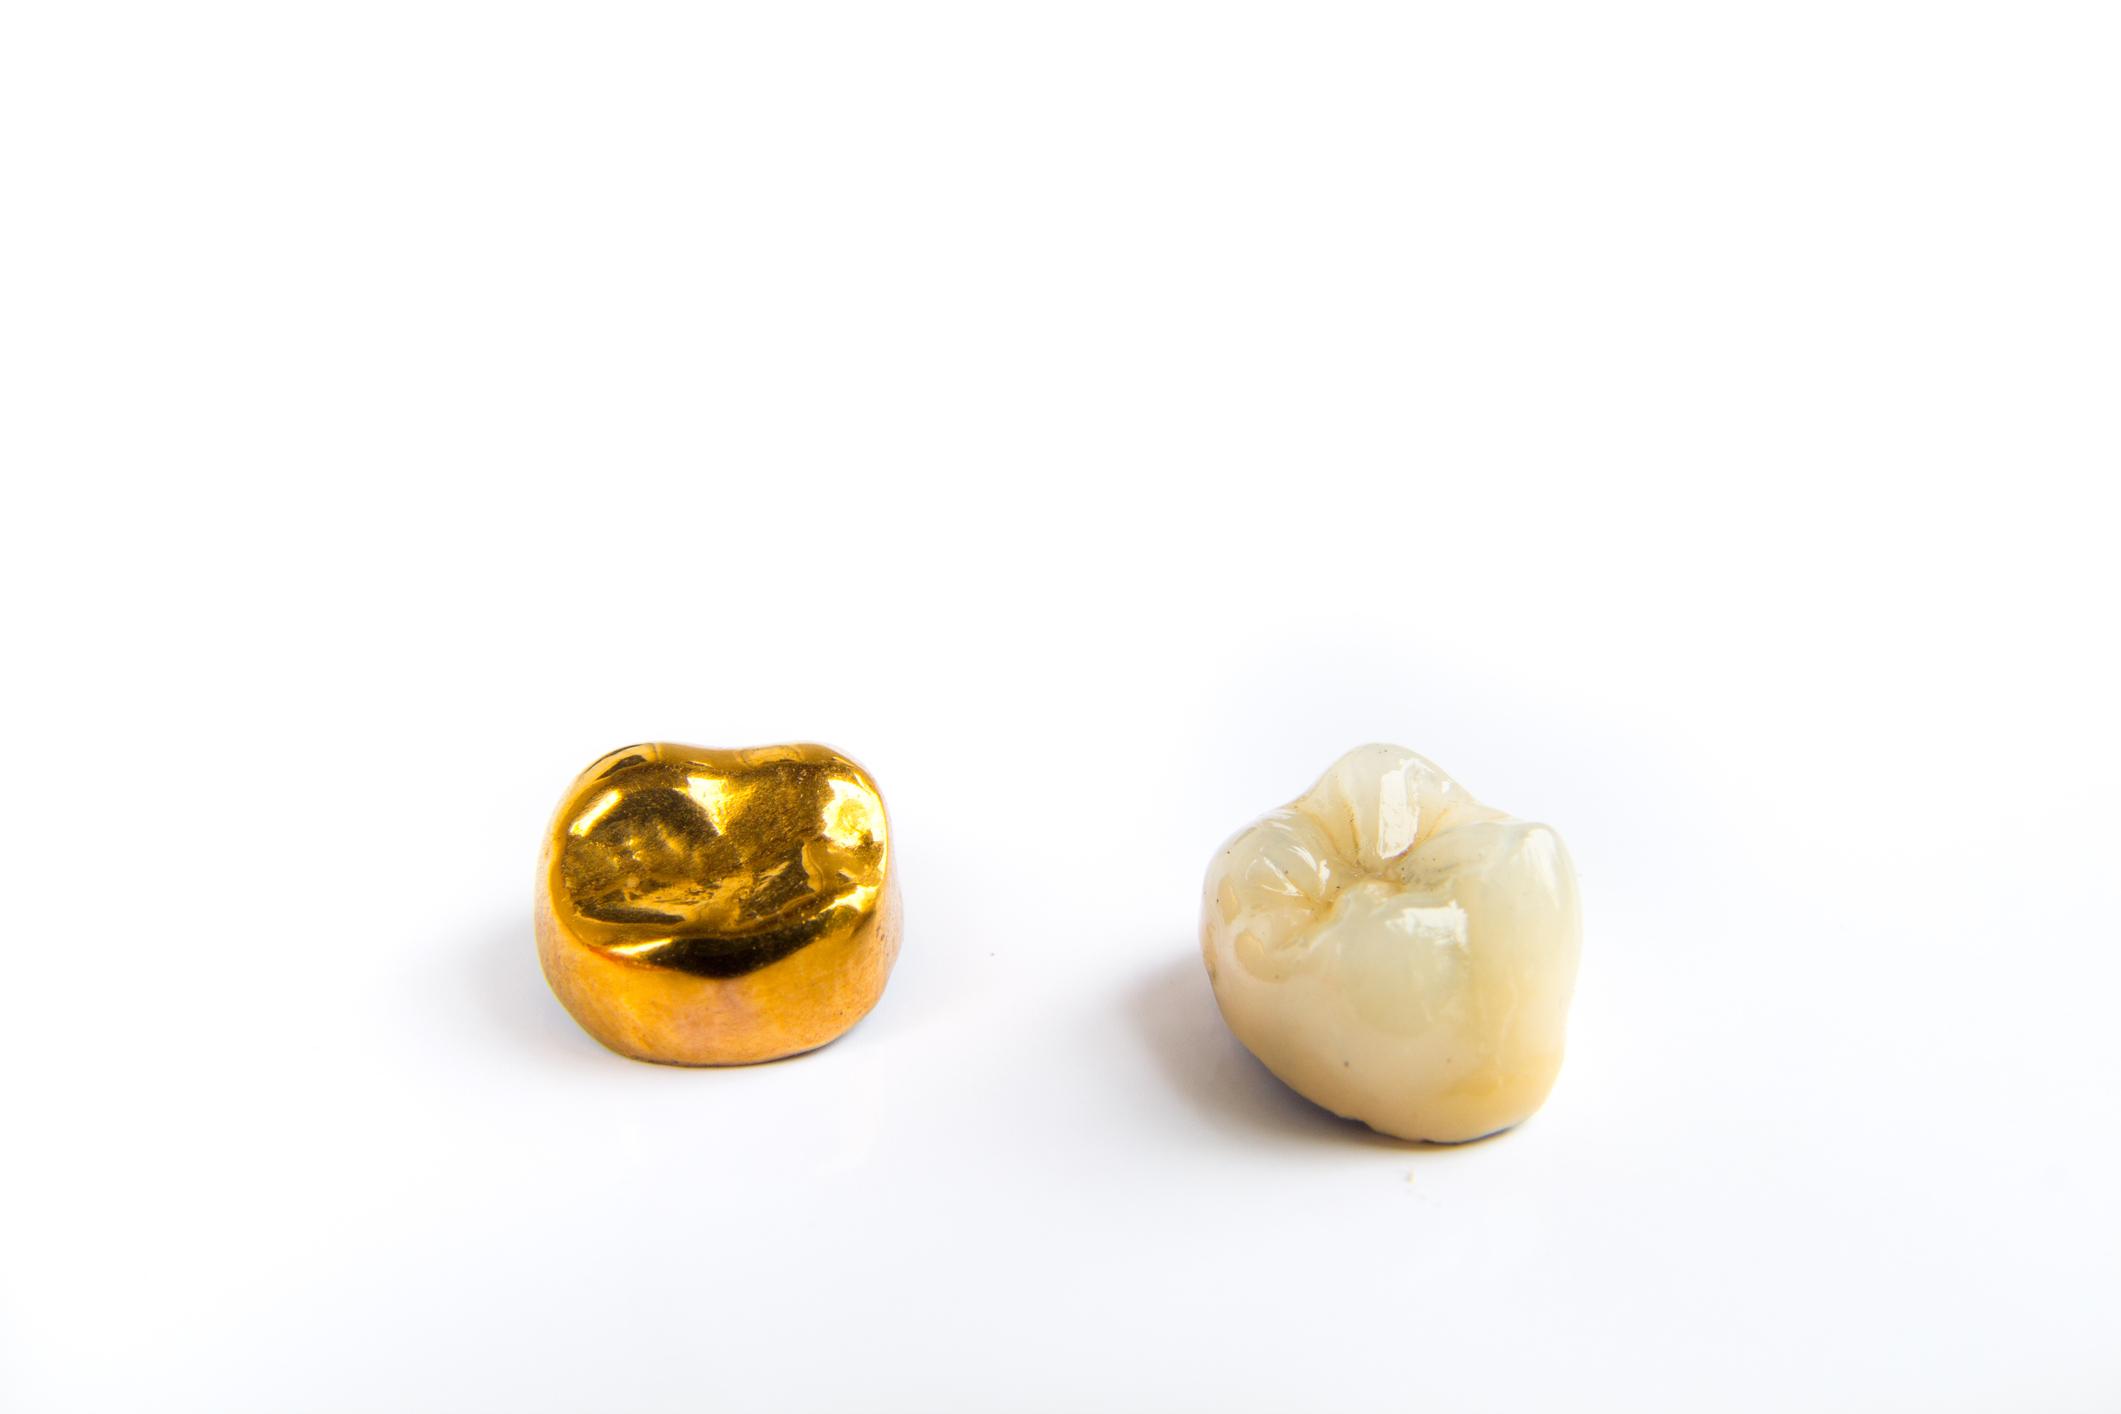 Gold Crown (cap) & Porcelain Crown (cap)